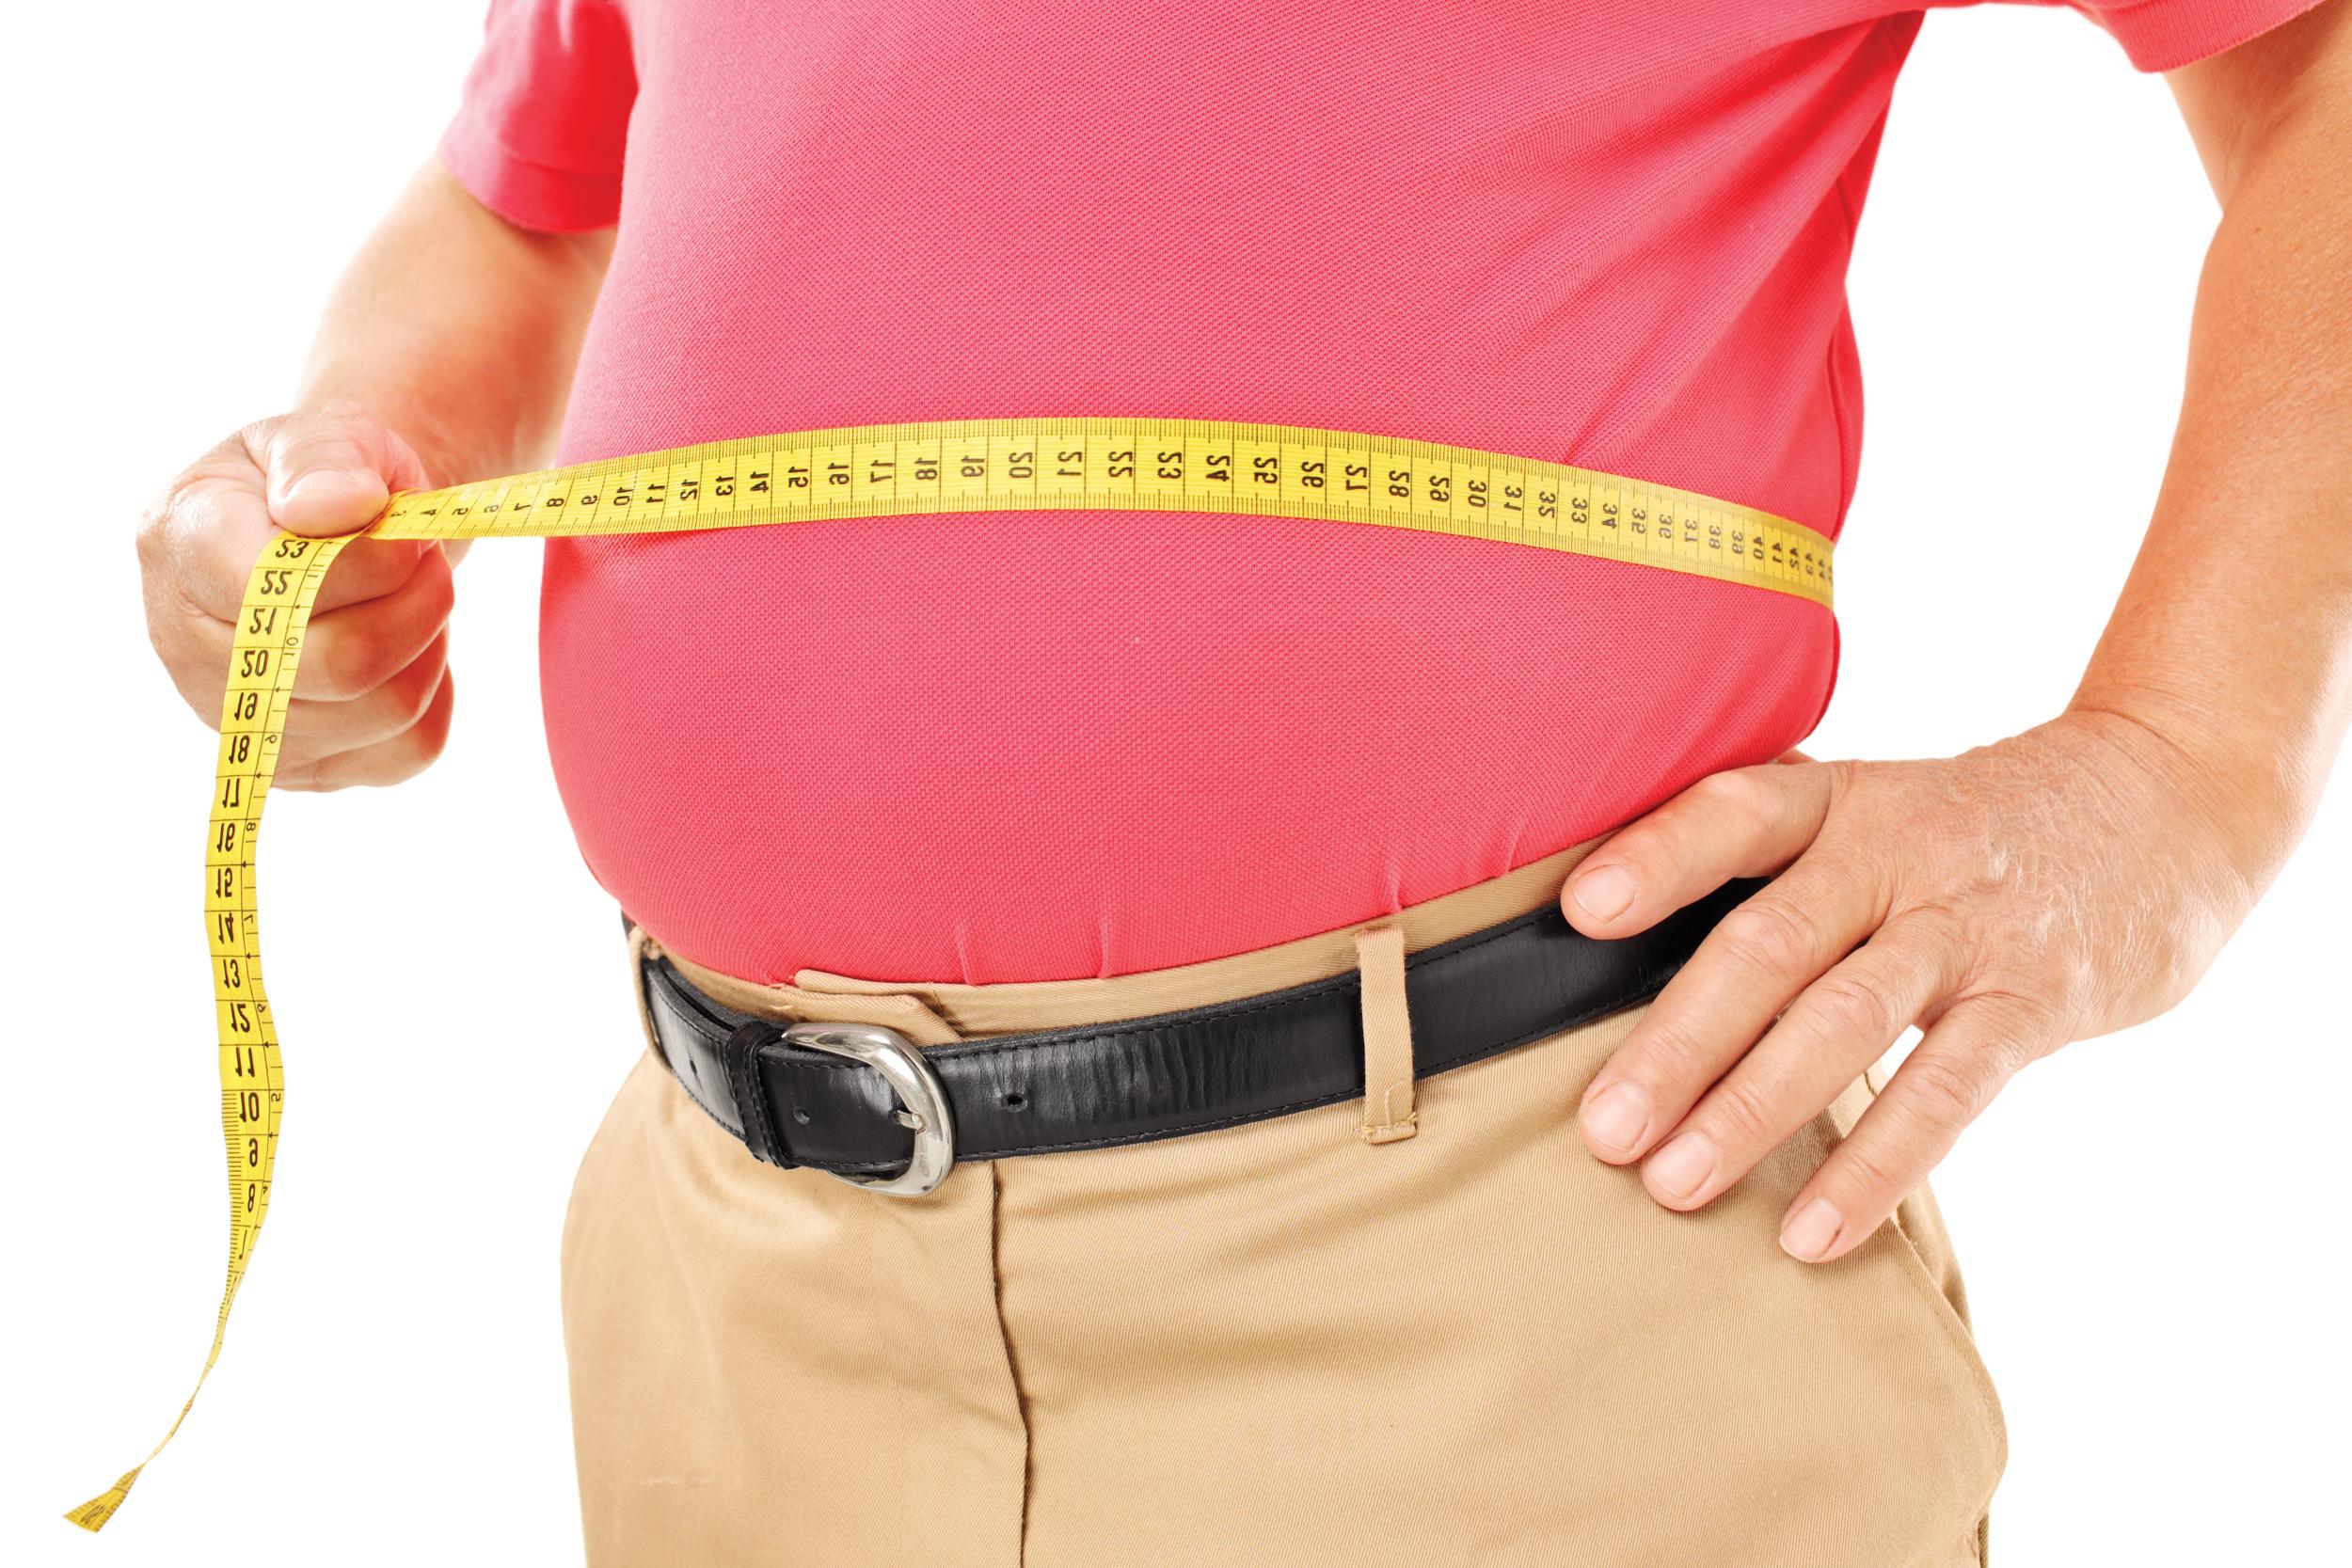 Αποτέλεσμα εικόνας για metabolic syndrome